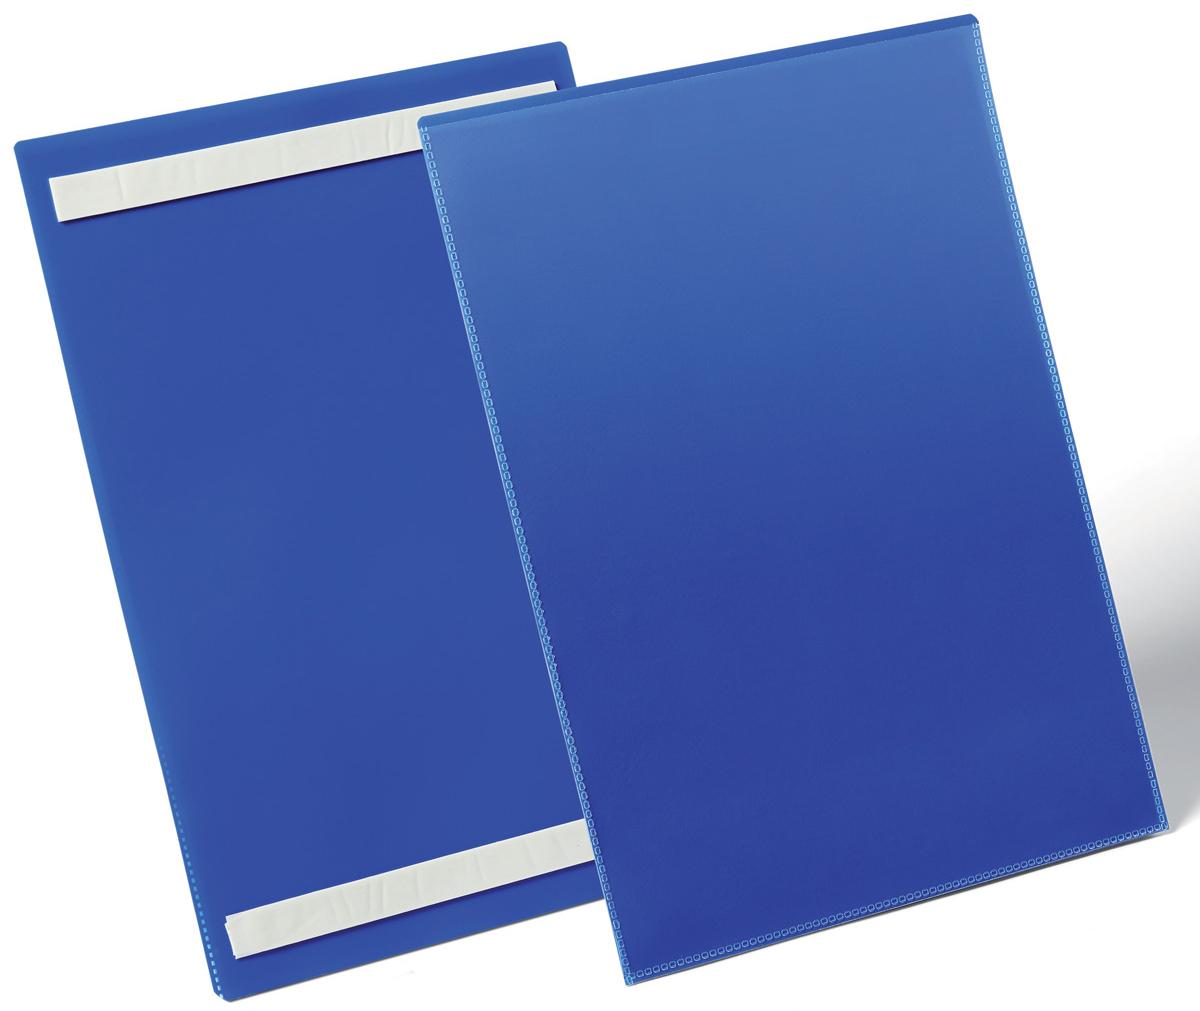 Durable Карман cамоклеящийся для маркировки 1797-071797-07Самоклеящийся карман с двумя клейкими полосами на тыльной стороне. Выполнен из плотного износостойкого полипропилена. Прозрачное окно на лицевой стороне не бликует, что позволяет сканировать документ, не извлекая его из кармана.Рекомендован для маркировки паллет, стеллажей, контейнеров и т.д.Размер вкладыша: A4 вертикальный (21 x 29,7 см).Размеры кармана: 233 x 313 x 1,7 мм.